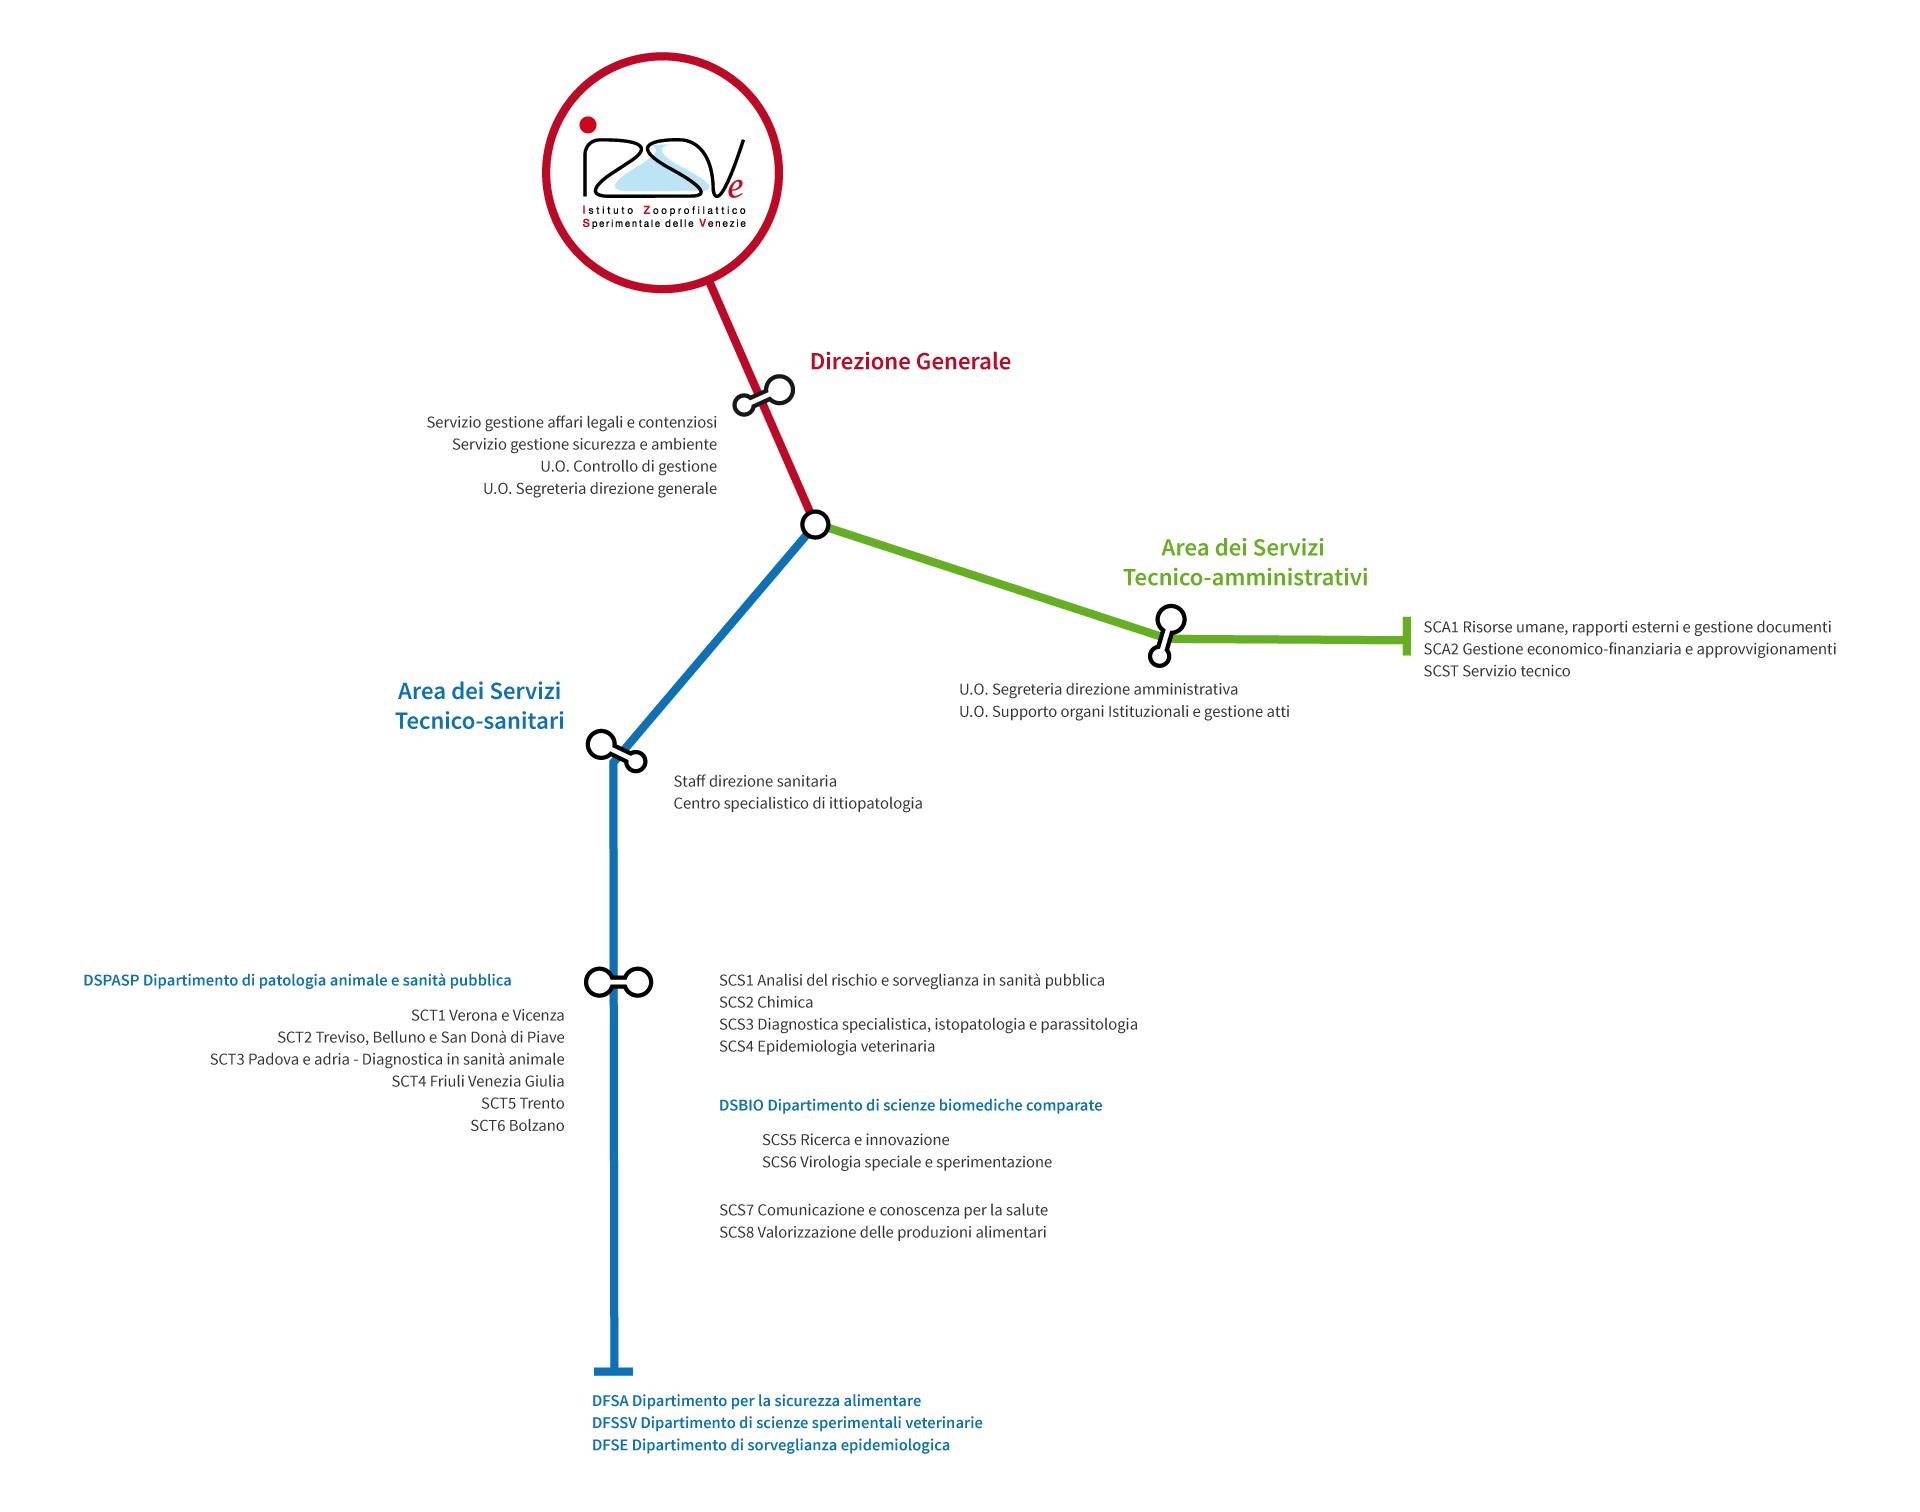 Organigramma IZSVe 2016